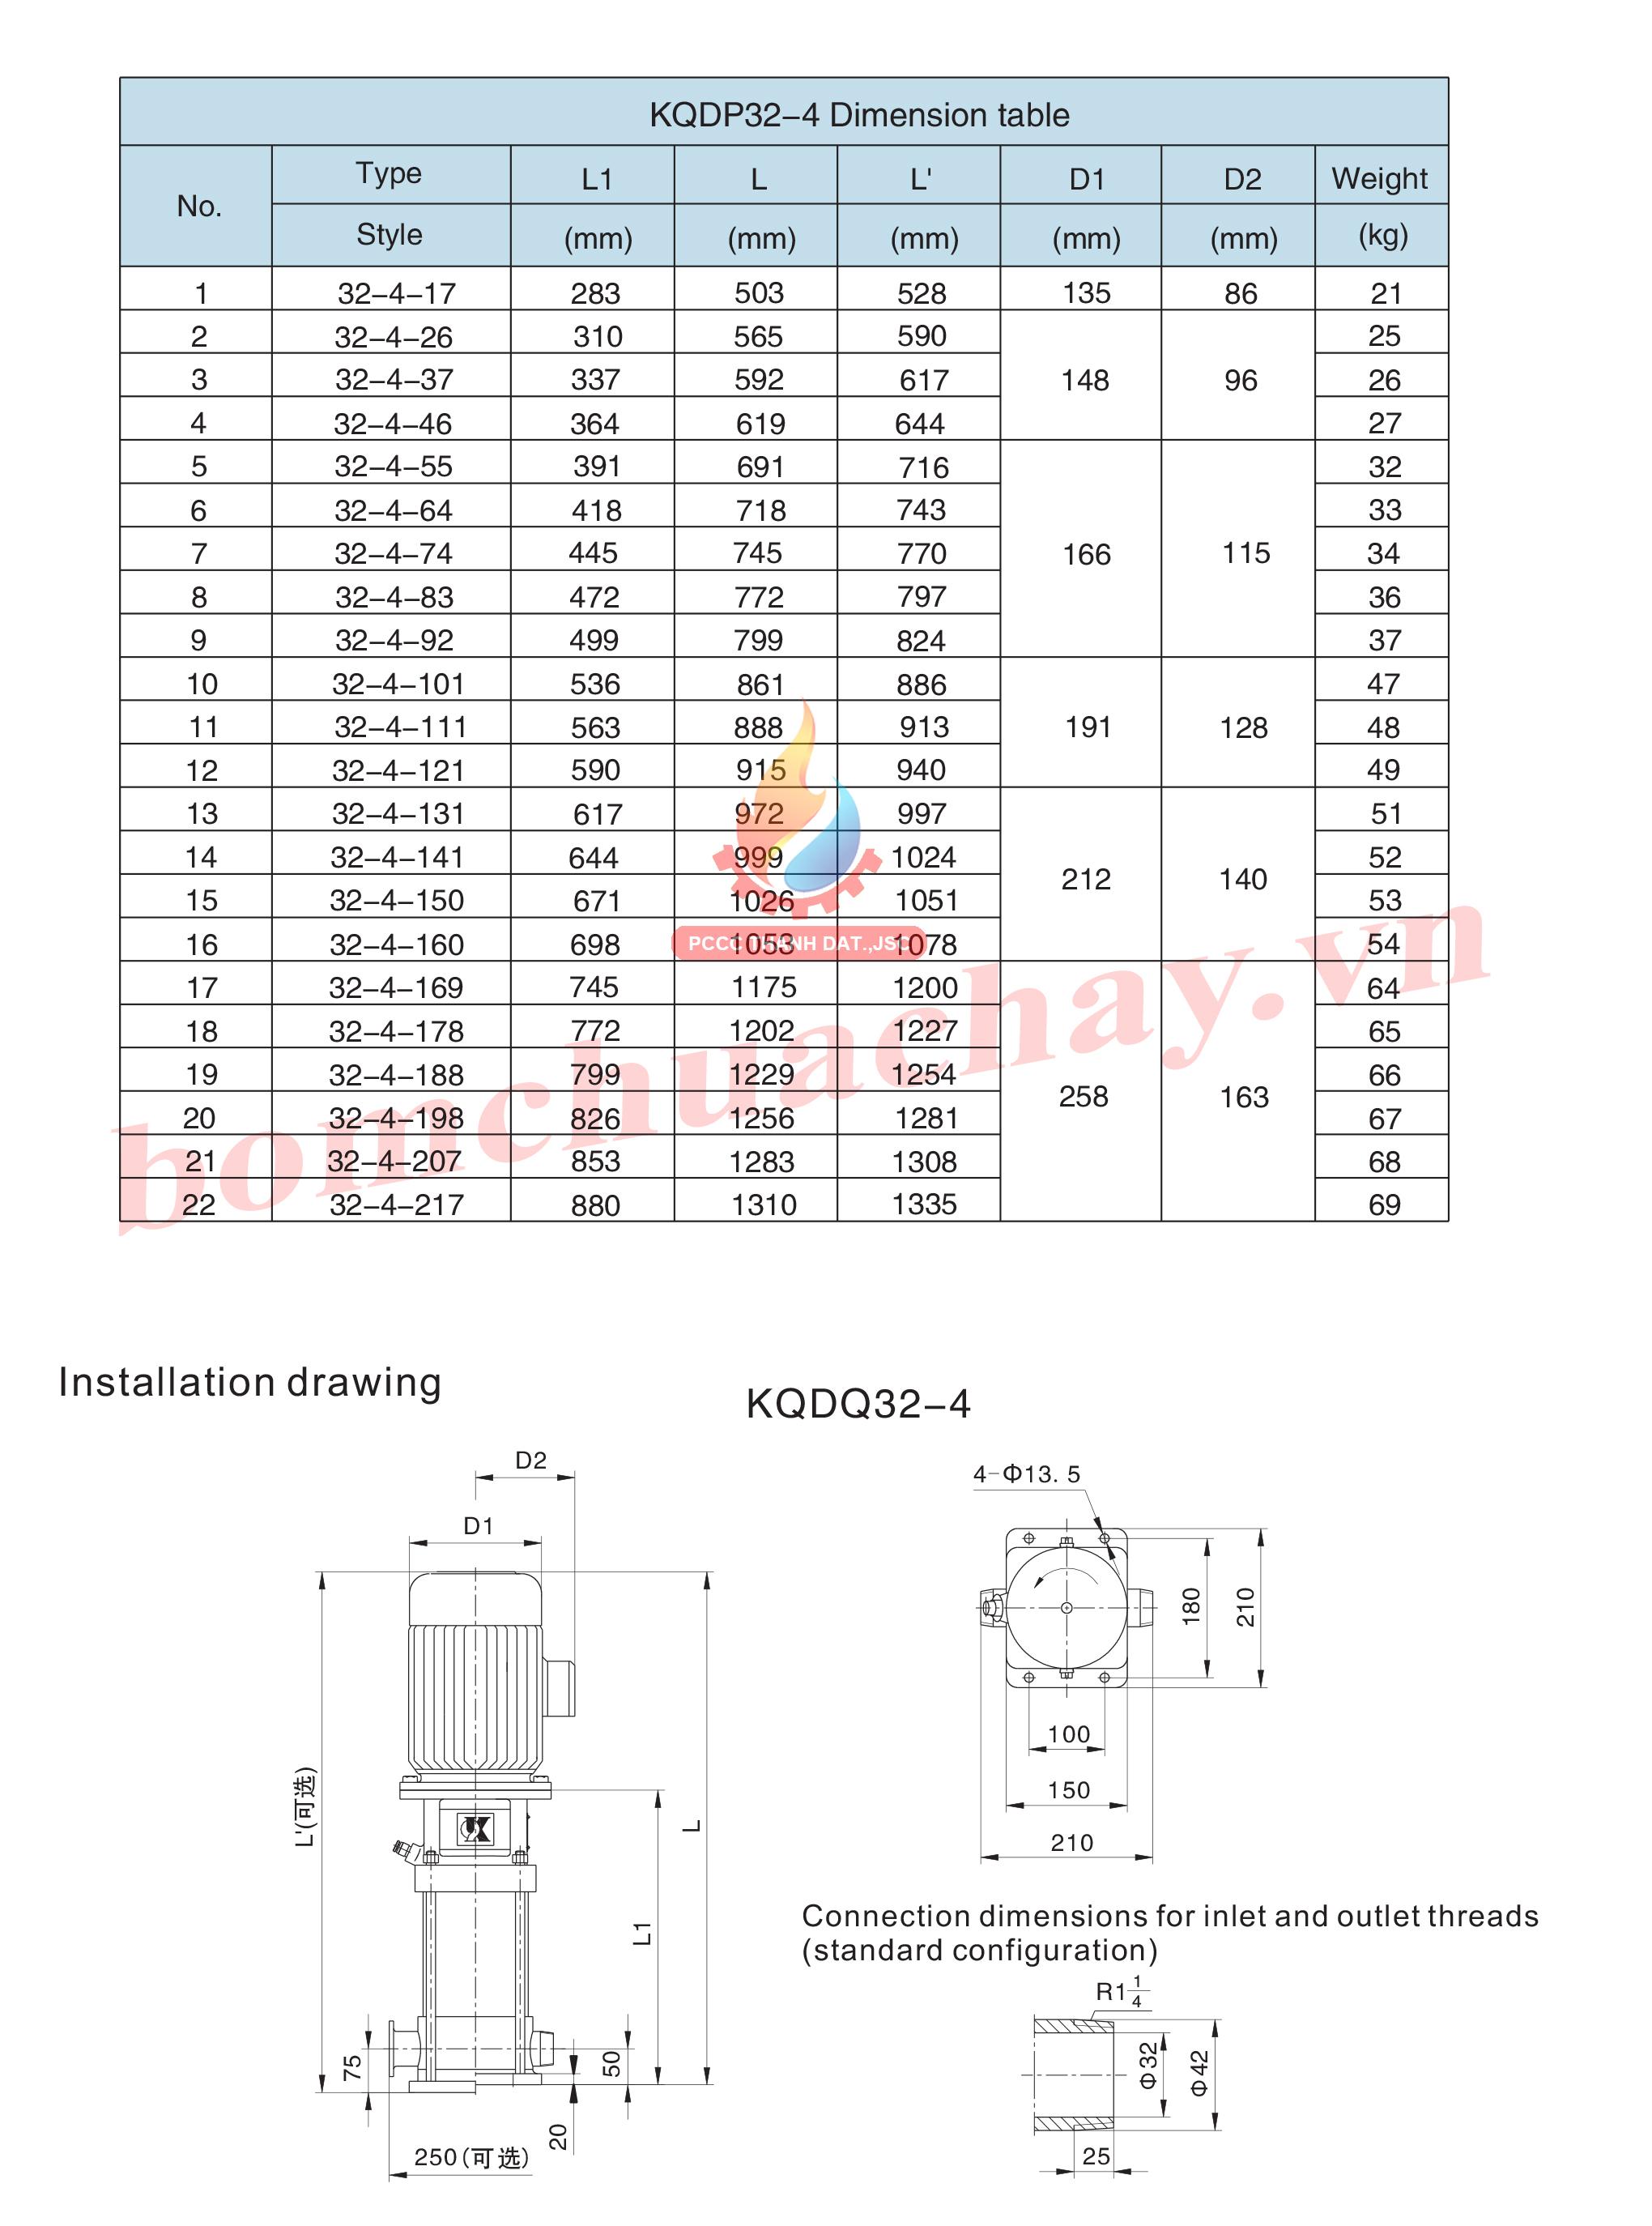 máy bơm bù áp KQDP/KQDQ32-4-141 5.5HP